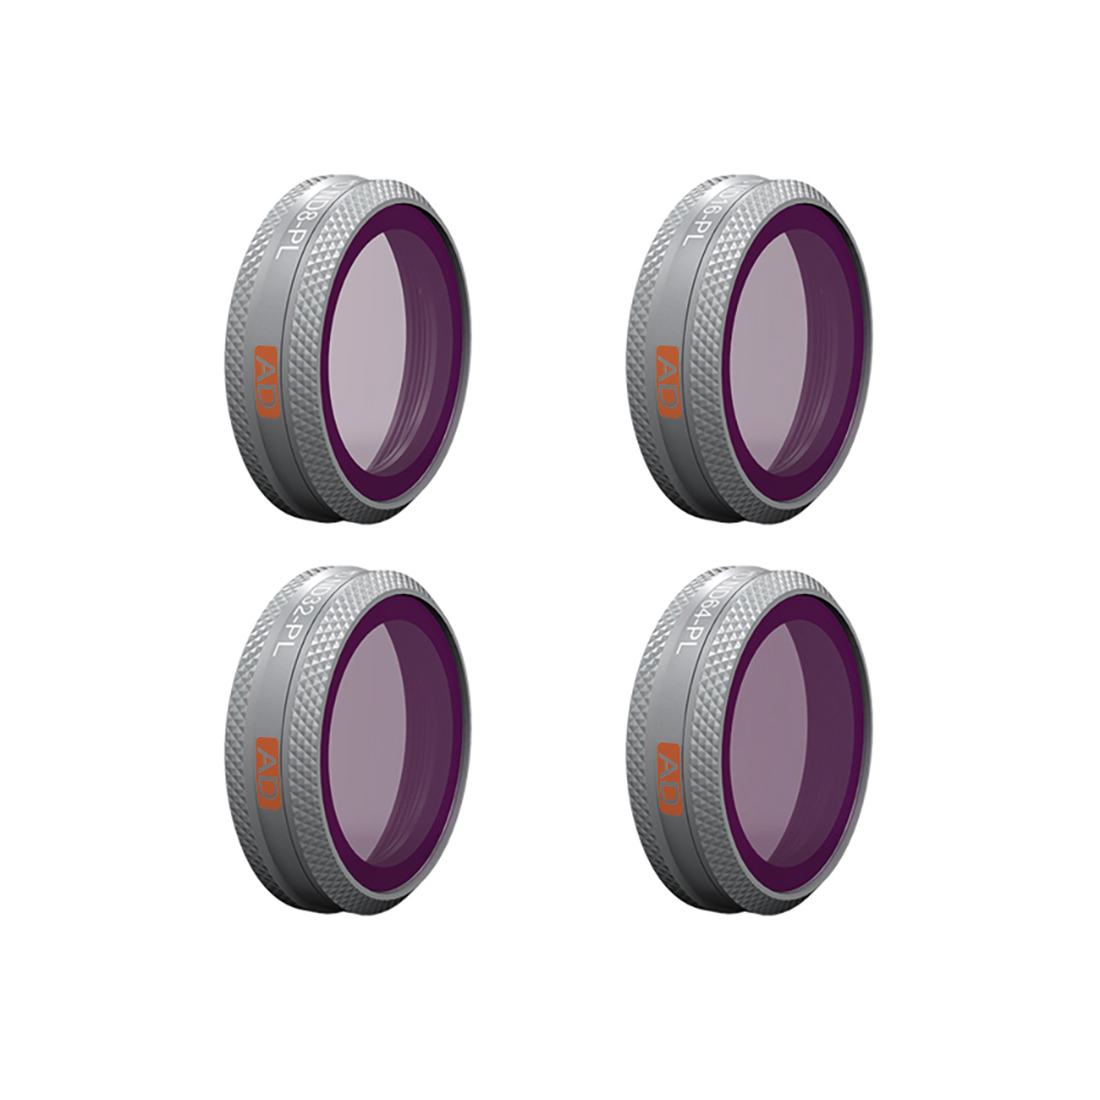 PGYTECH Advanced Version 4Pcs ND/PL Camera Lens Filters Set for DJI MAVIC 2 ZOOM - ND8/PL ND16/PL ND32/PL ND64/PL Filter Updated